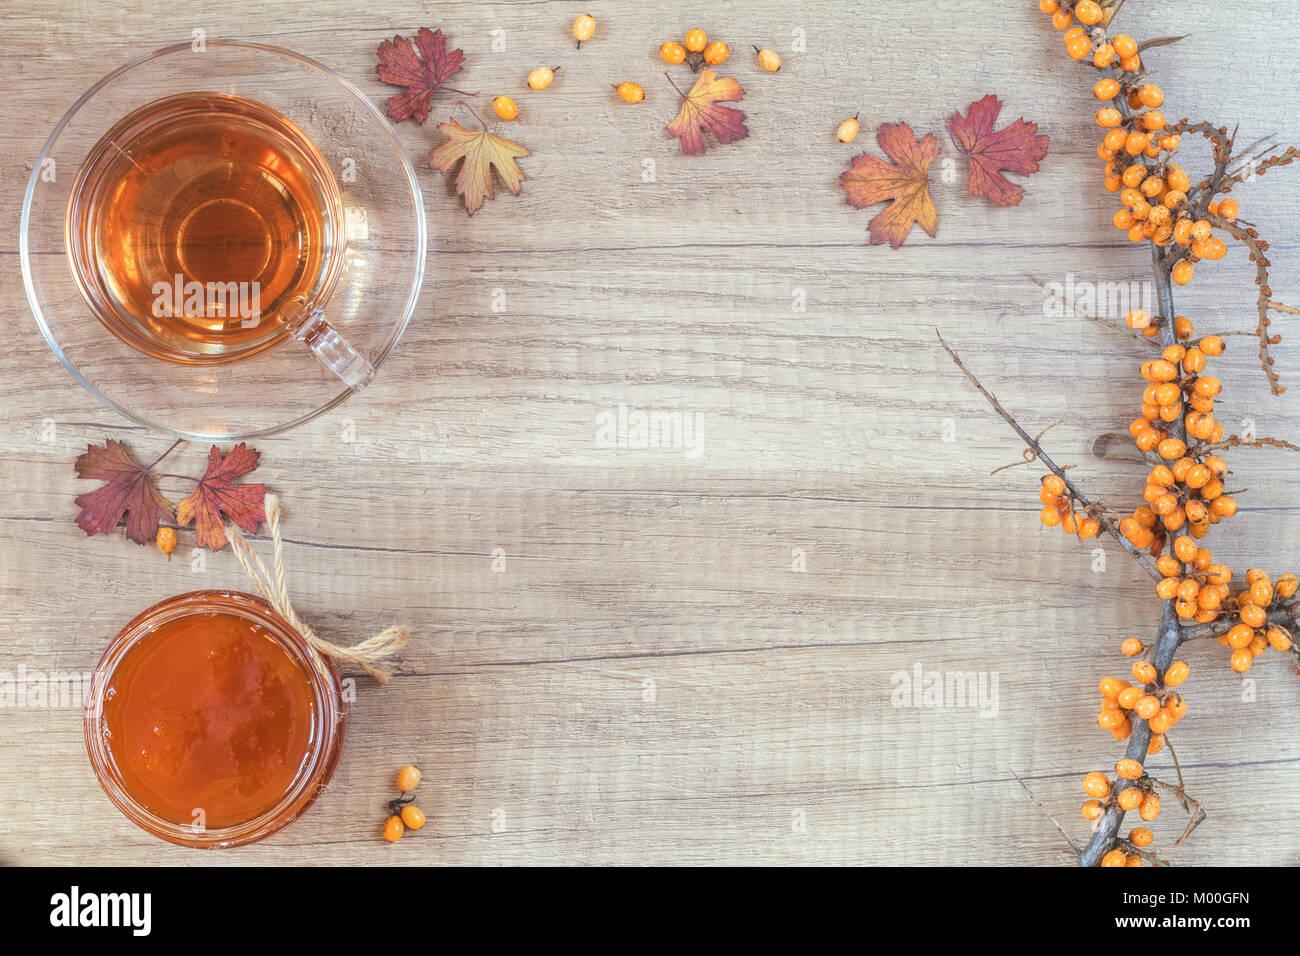 Herbst gesunde warme Getränke Konzept. Zweig der gemeinsamen ...